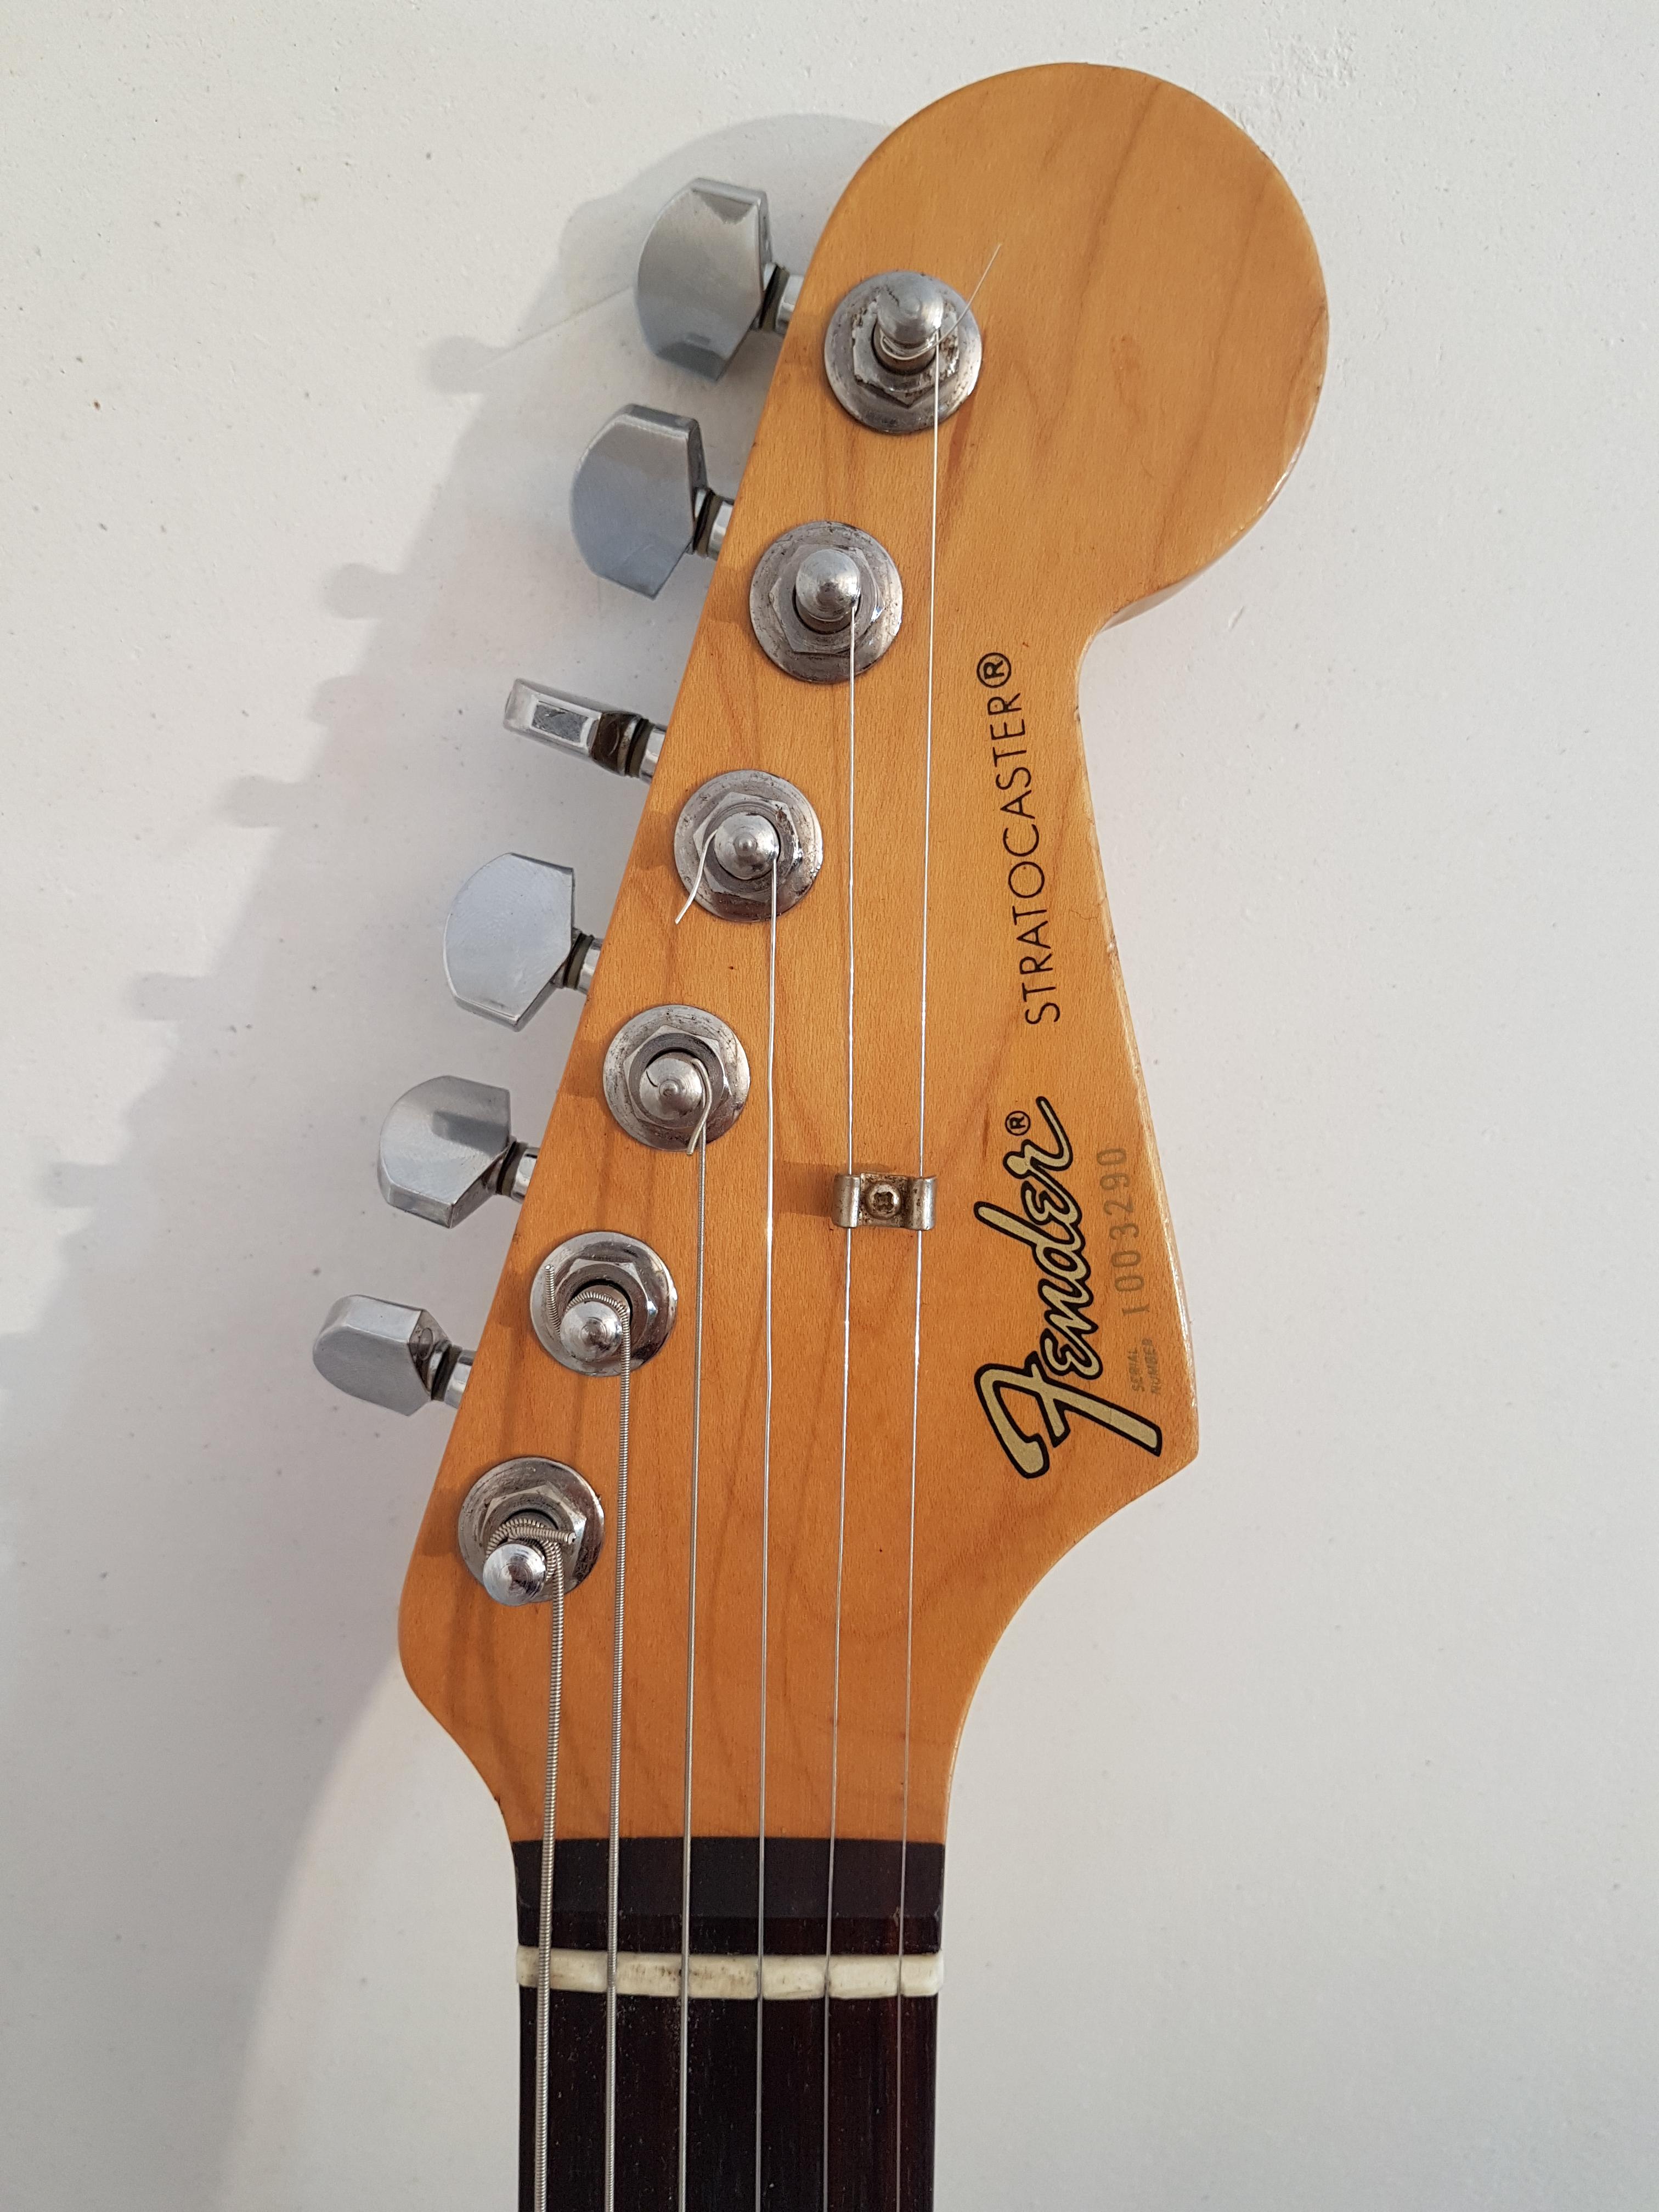 Where to buy tokai guitars